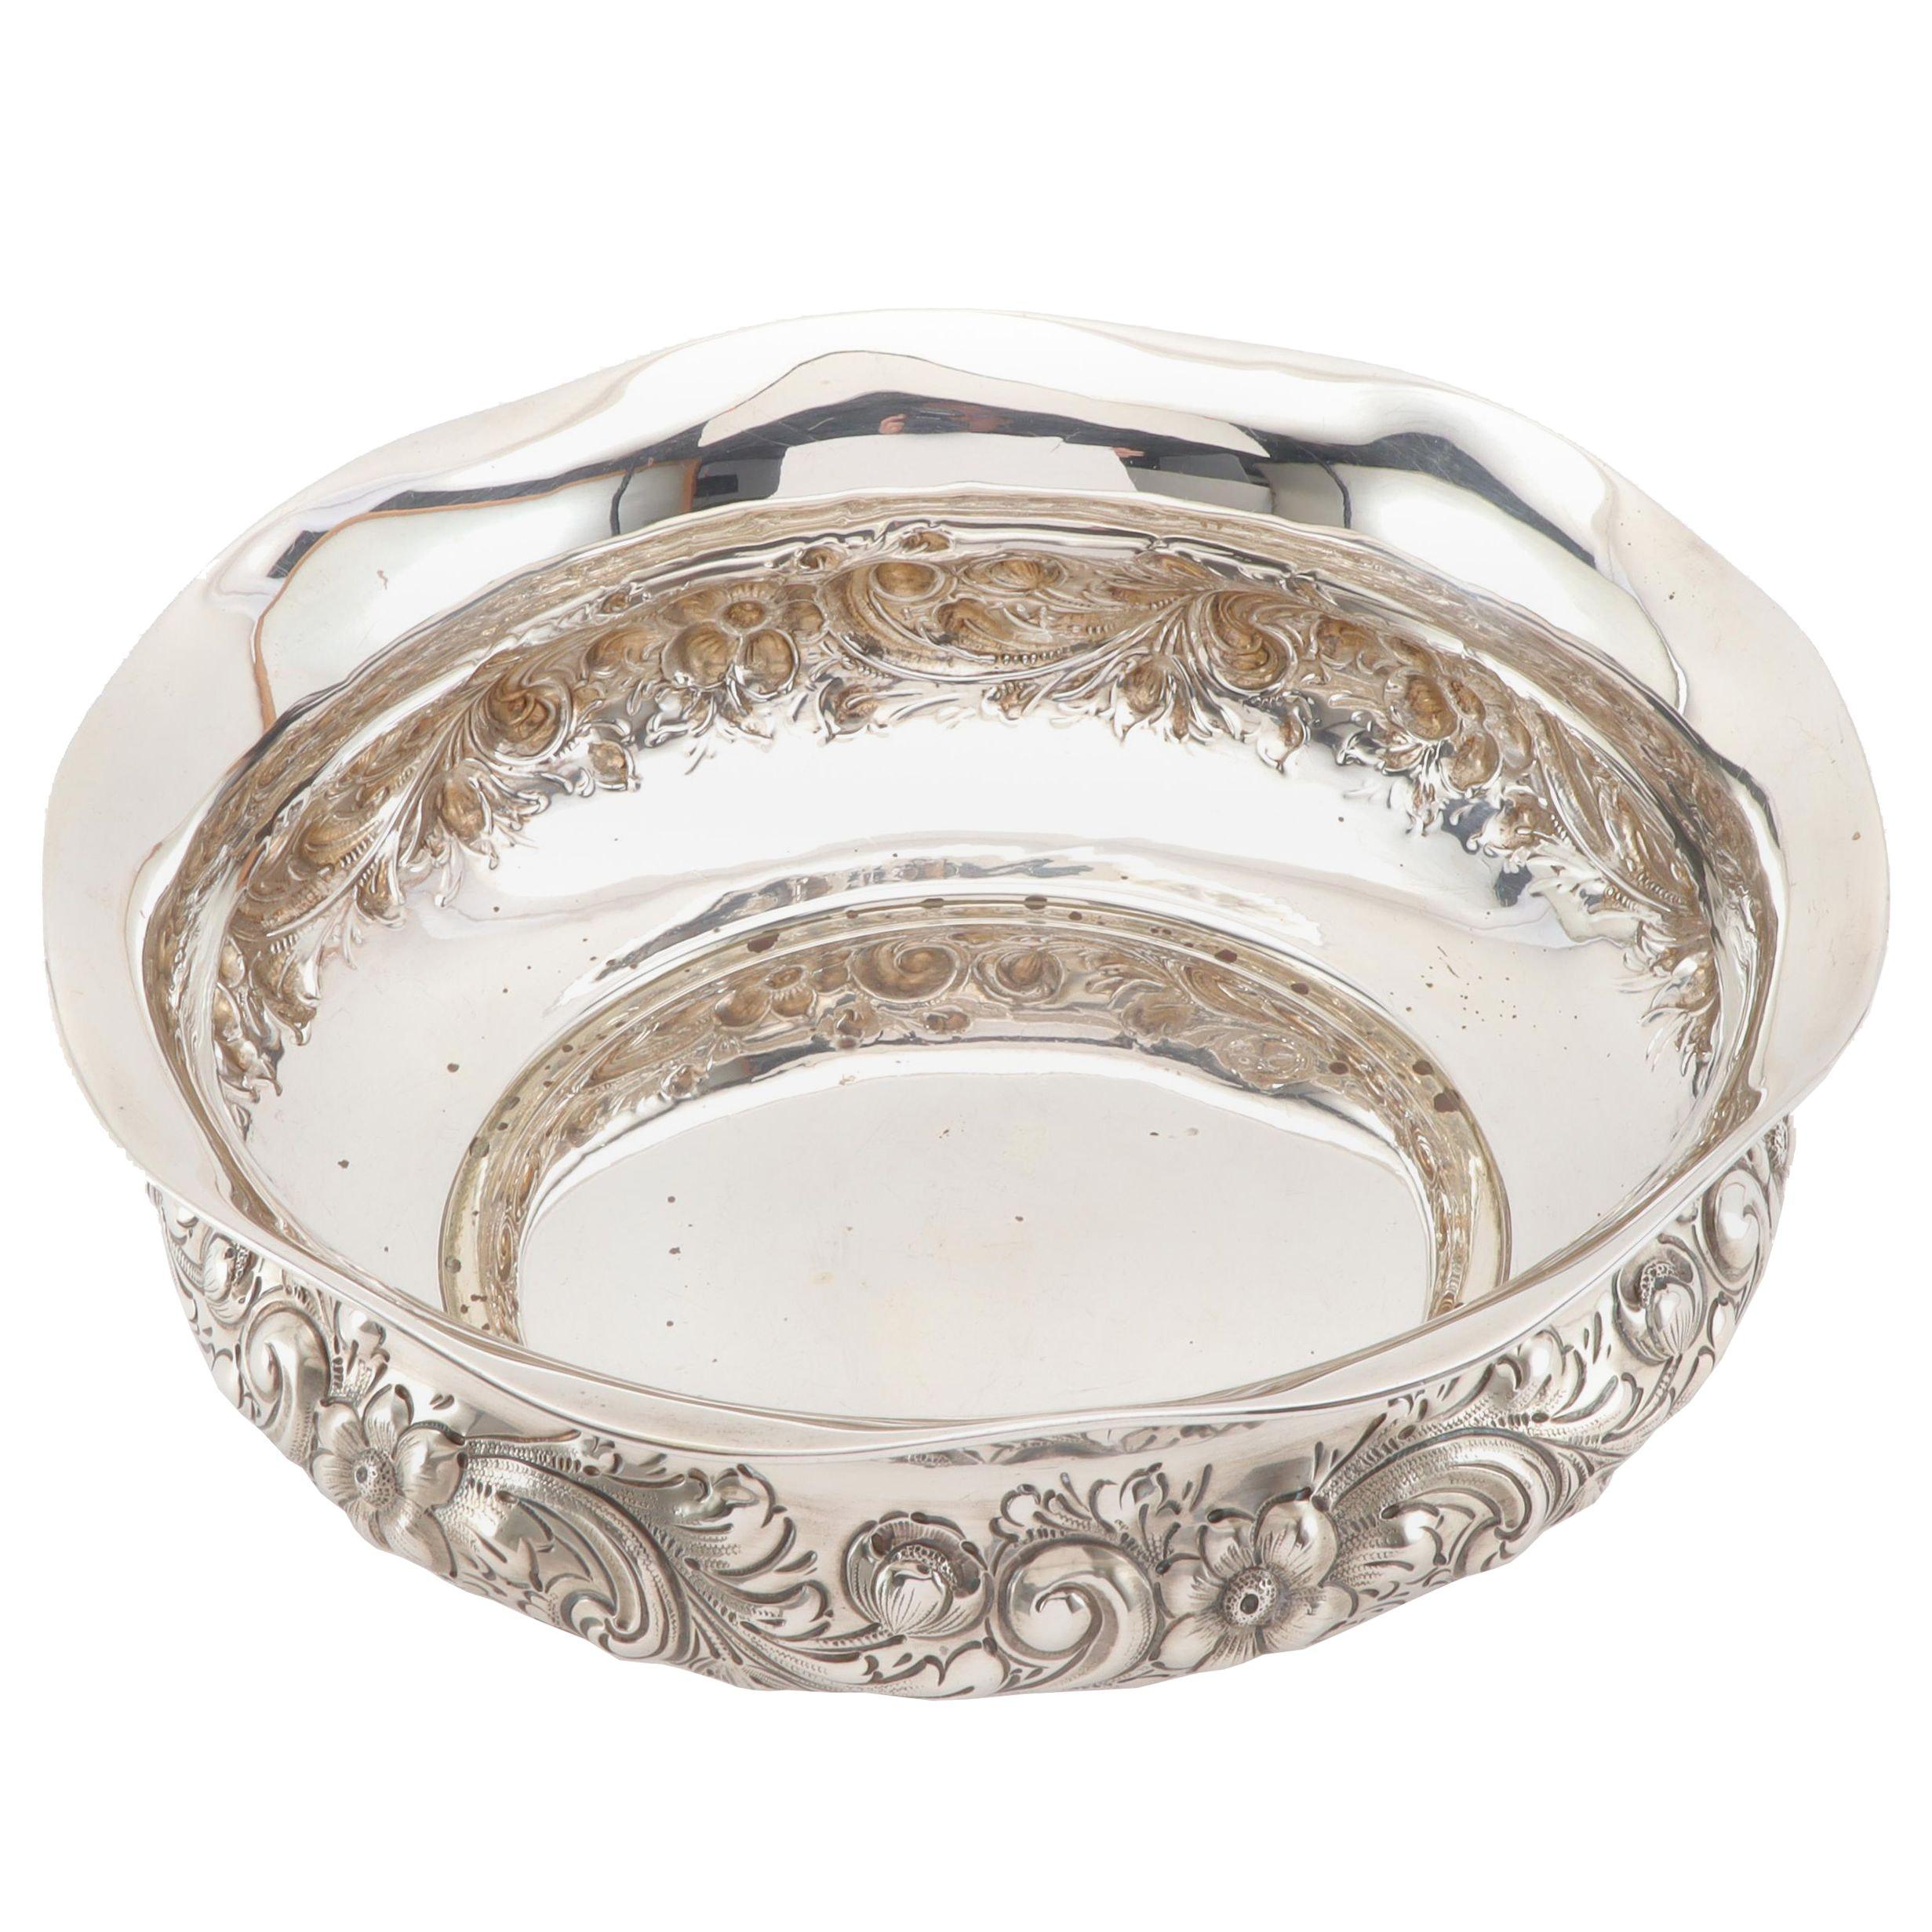 Dominick & Haff Repoussé Sterling Silver Centerpiece Bowl